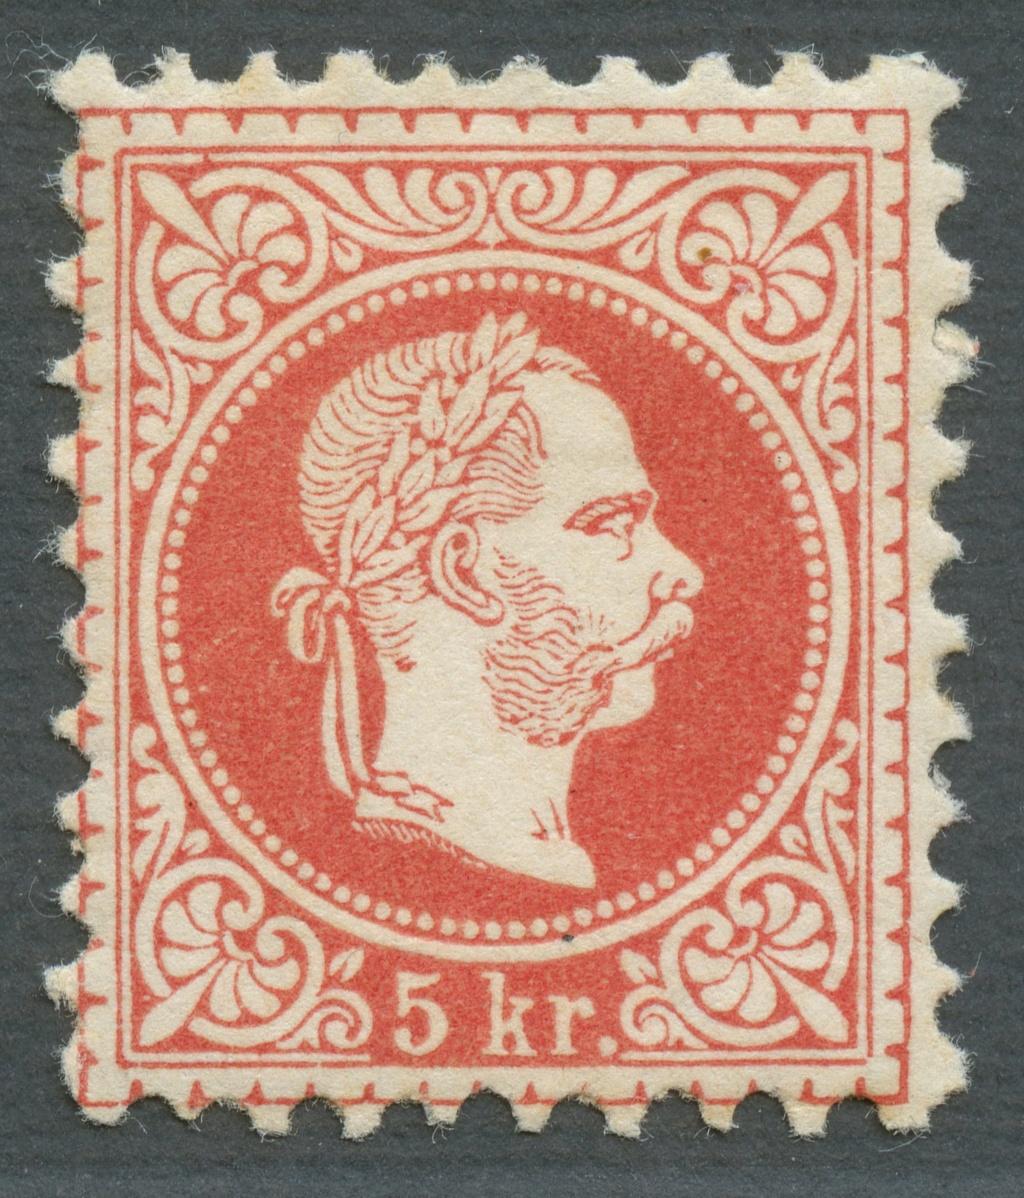 ungarn - Freimarken-Ausgabe 1867 : Kopfbildnis Kaiser Franz Joseph I - Seite 22 Ank_3711